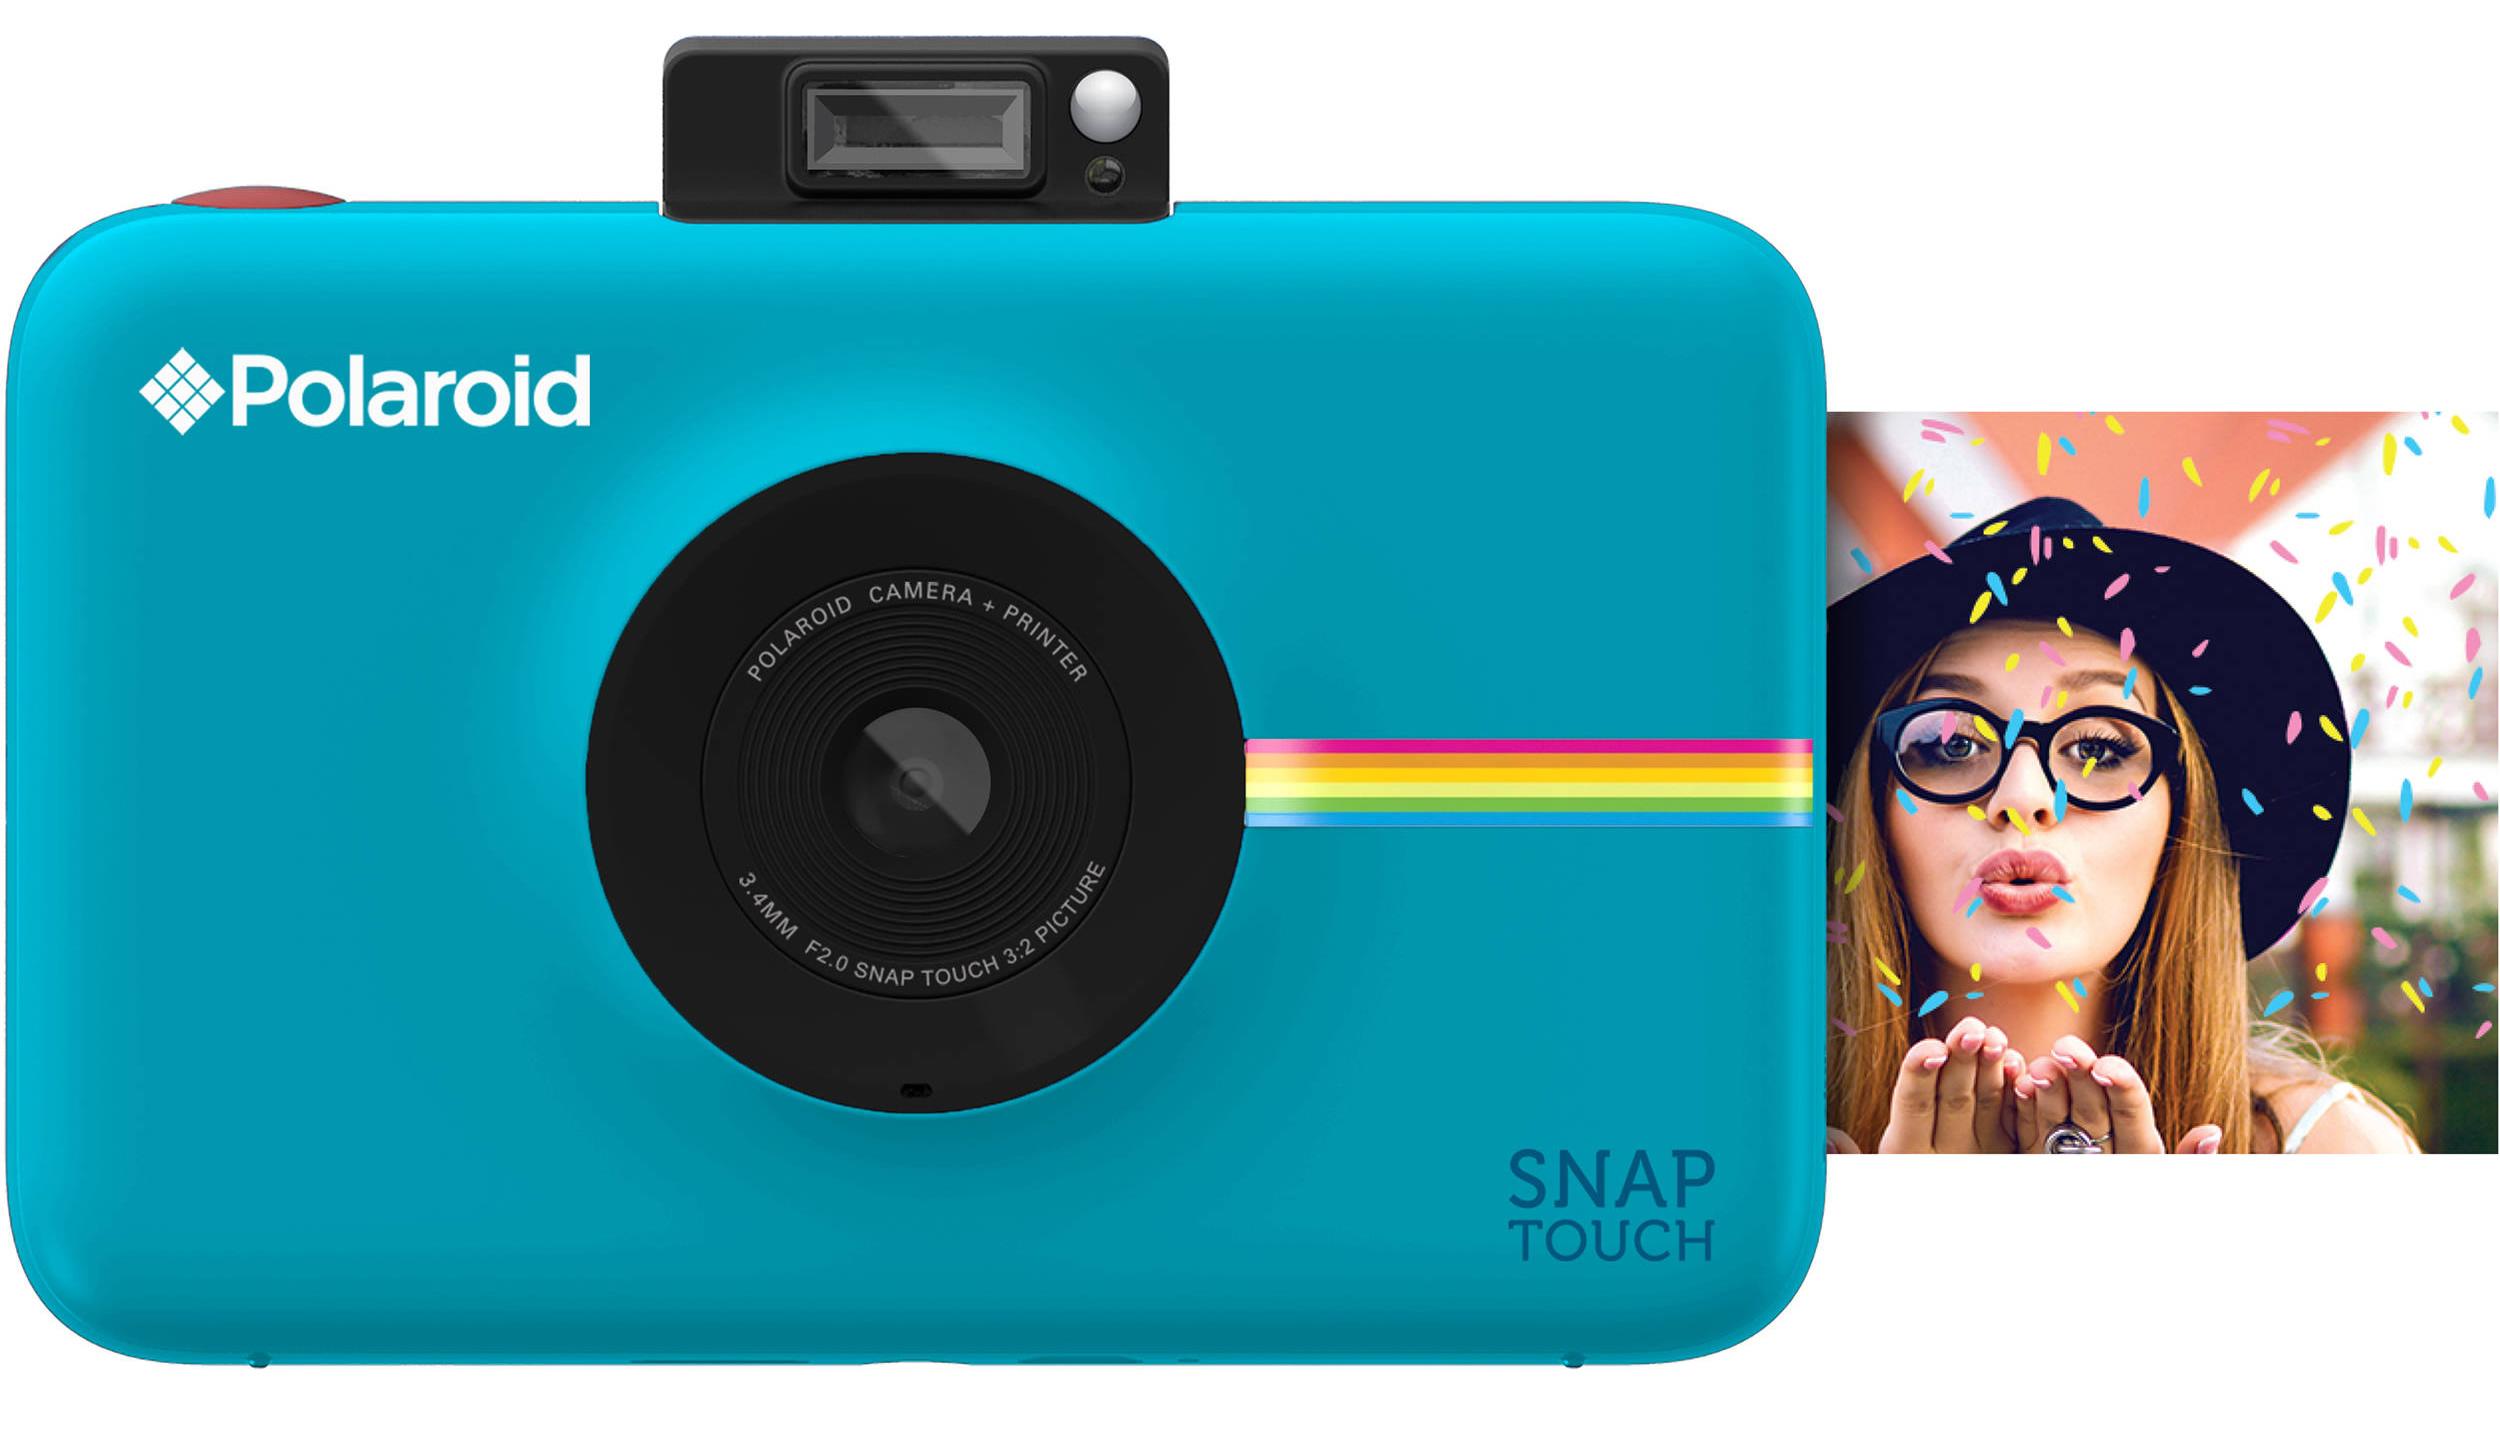 32b7acc8f5 En 2015 salió a la venta la Polaroid Snap, una cámara instantánea que  utiliza la tecnología Zink (o Zero INK) para imprimir fotografías al  instante.